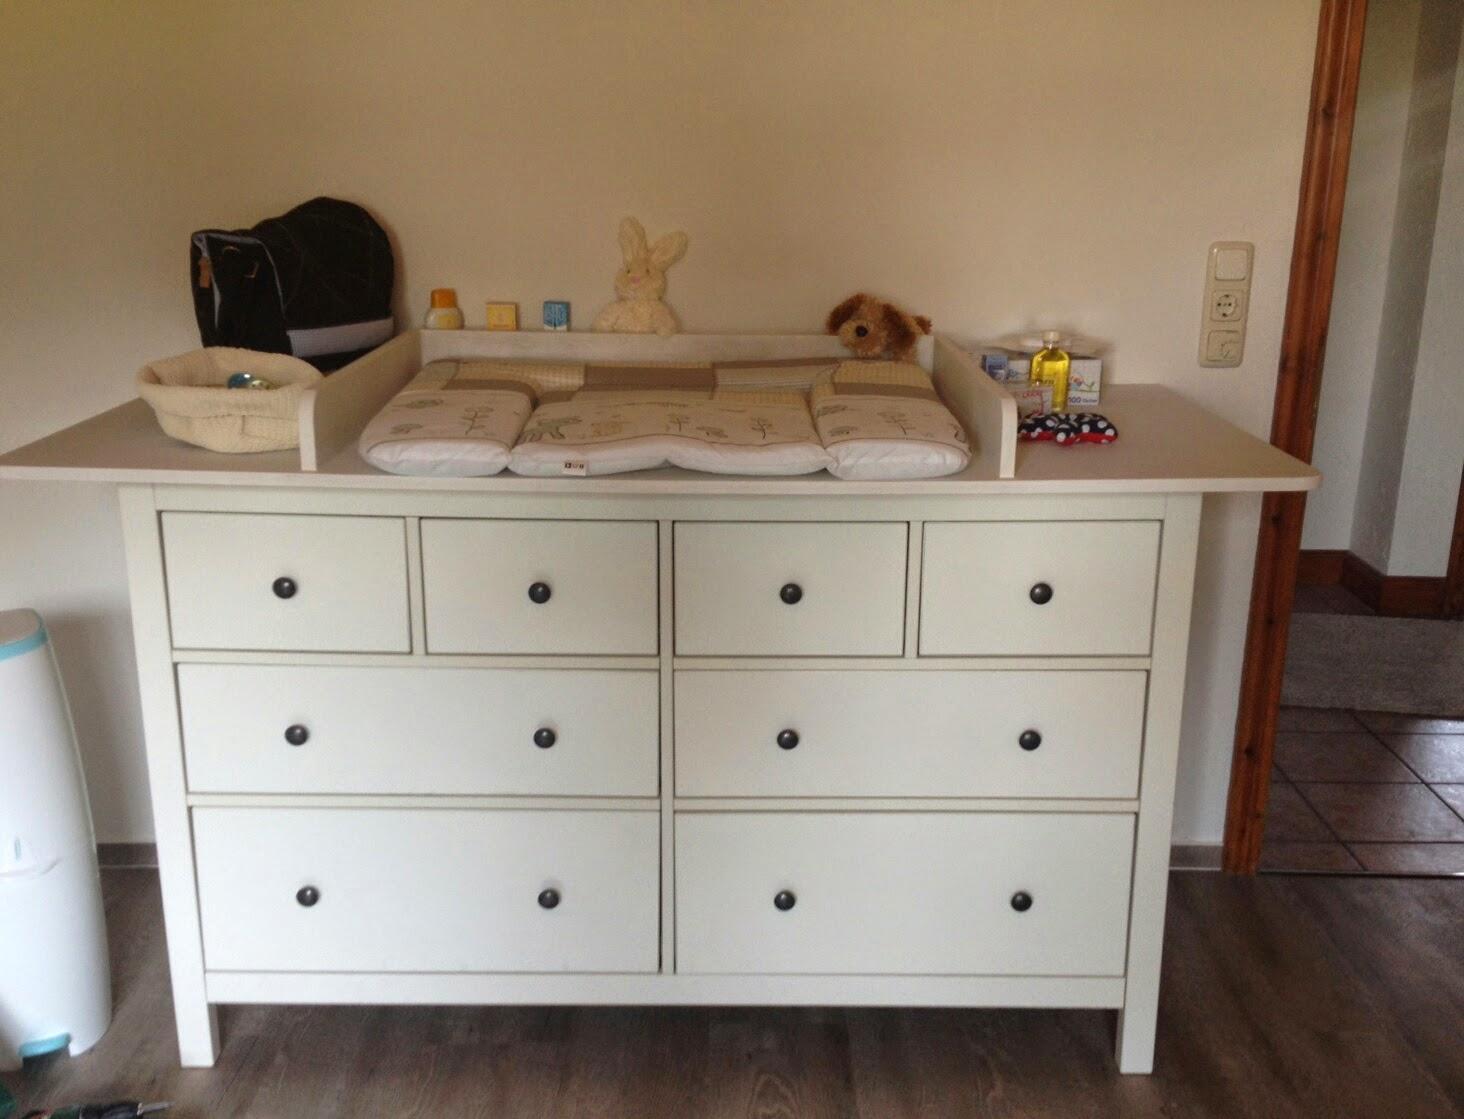 Kommode Als Waschtisch Umbauen Unser Neues Ankleidezimmer Diy Ikea